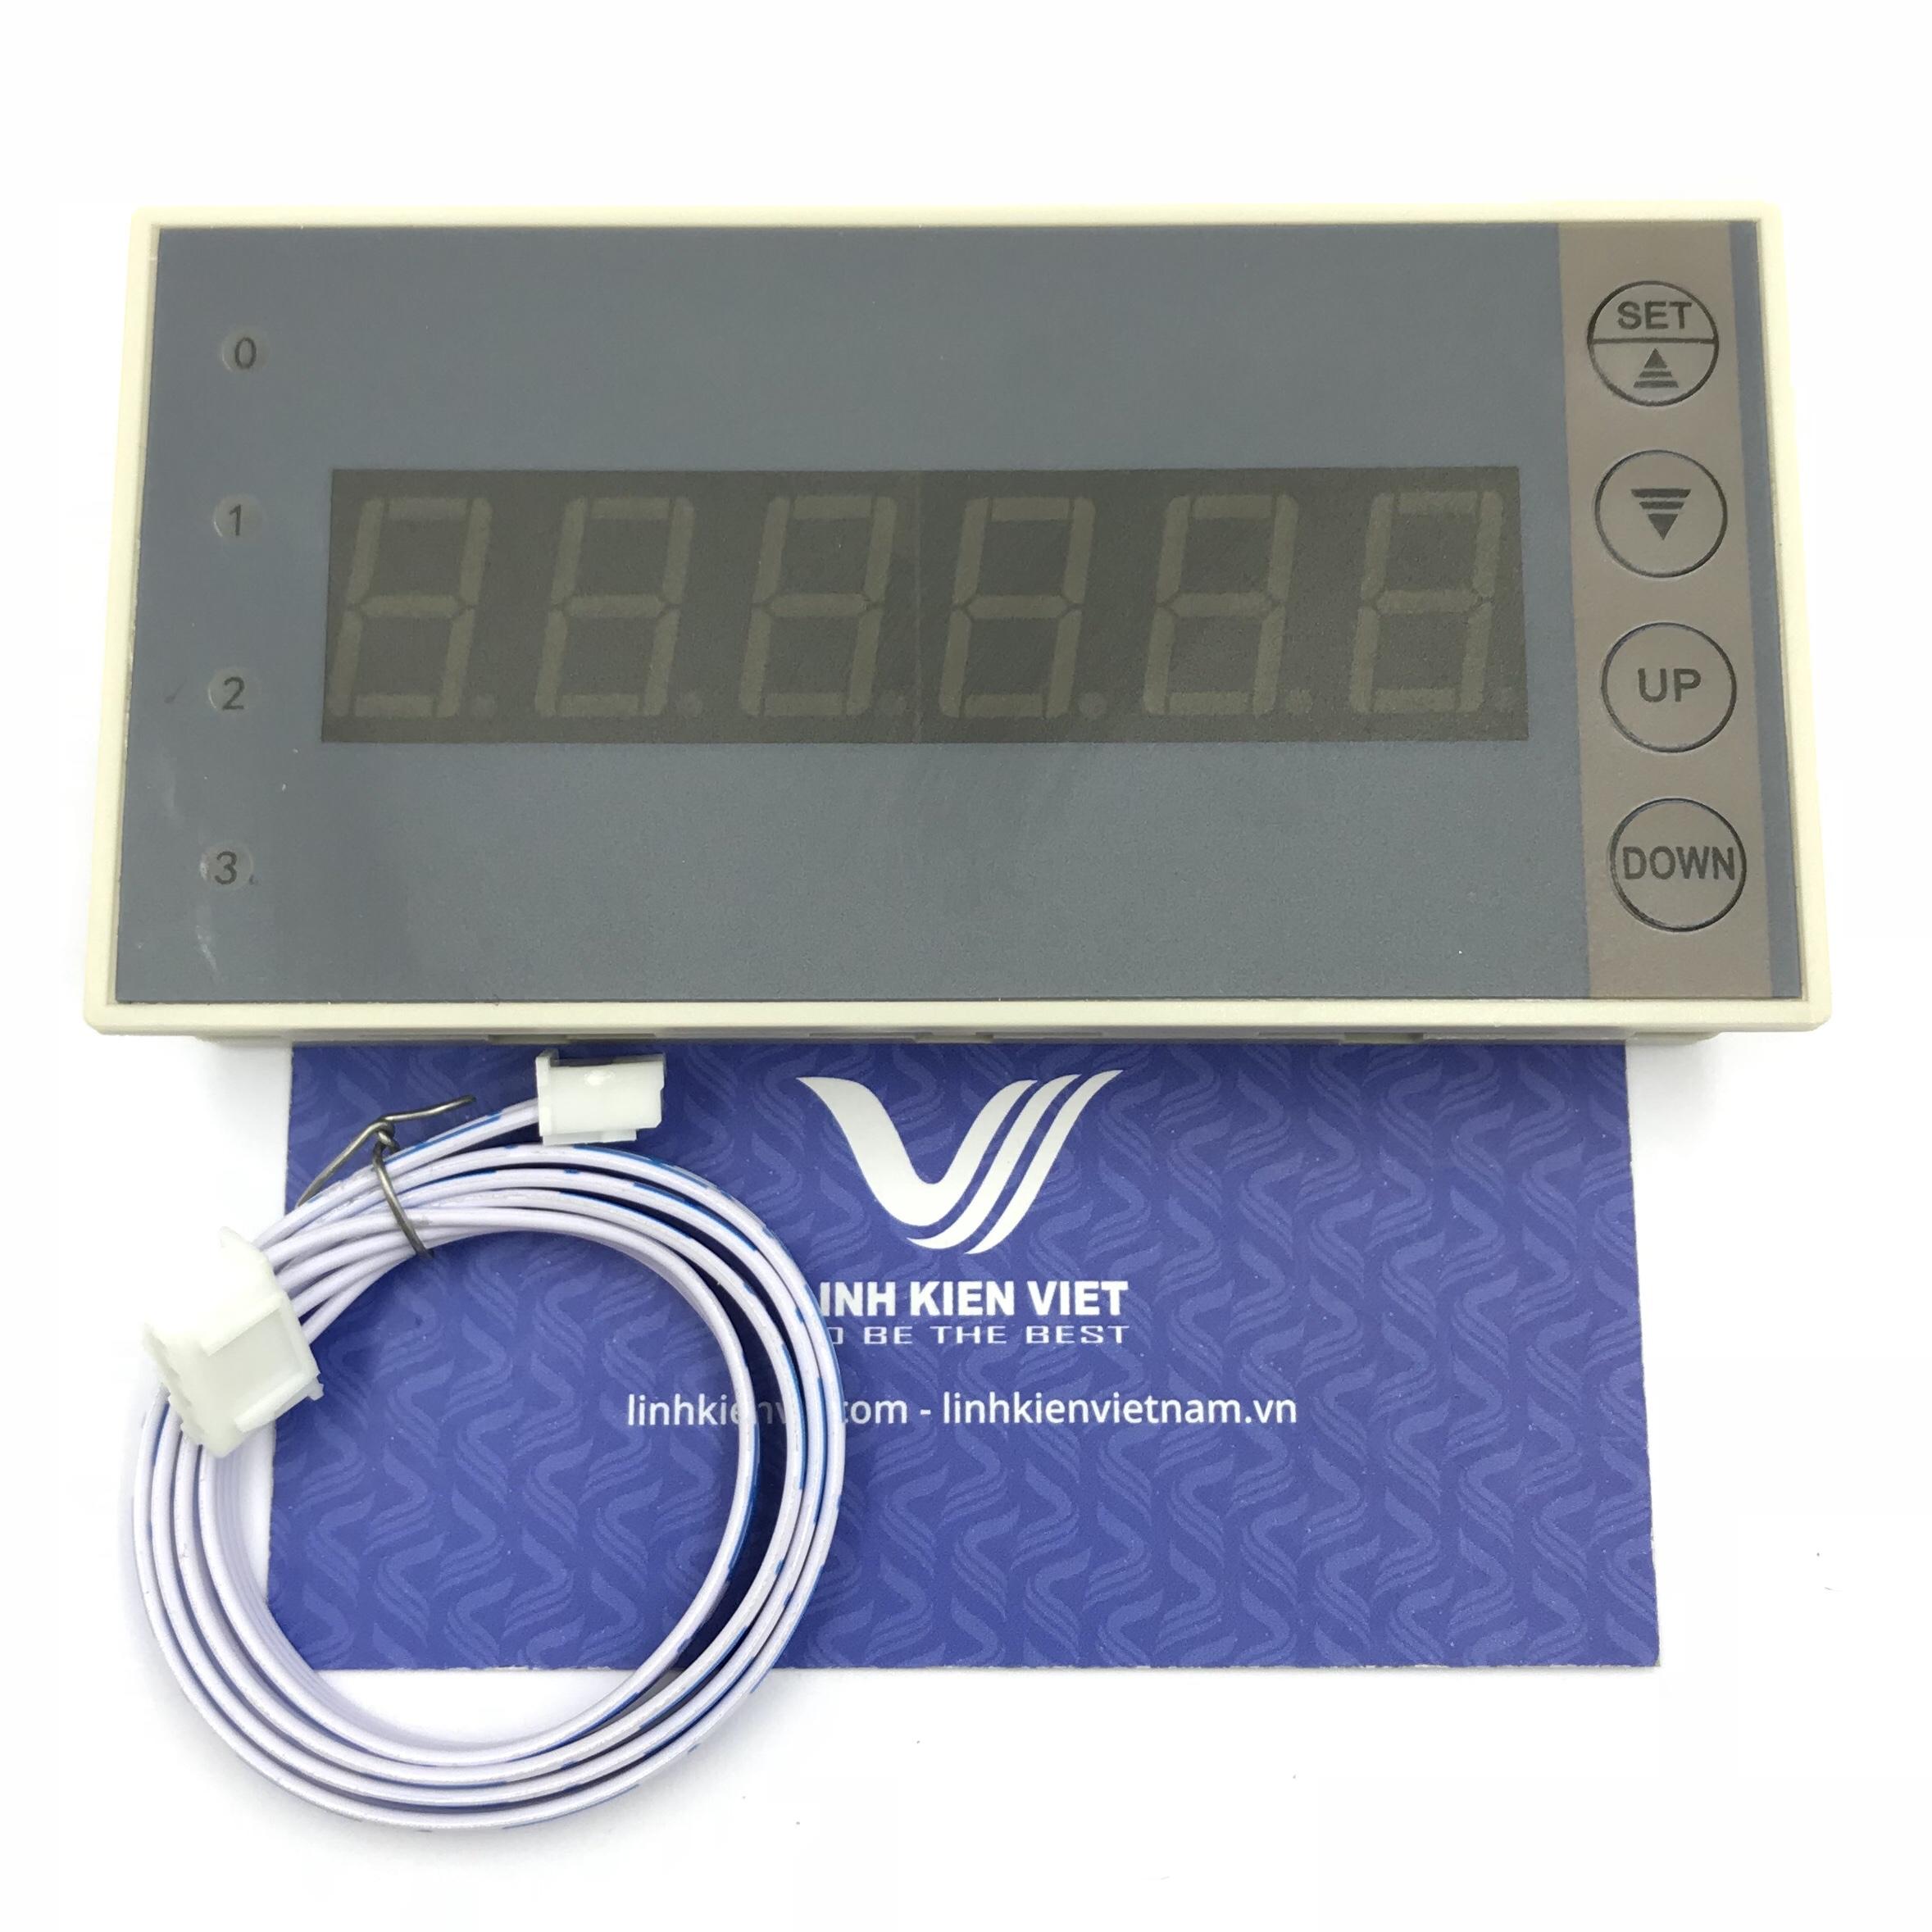 Màn hình hiển thị số FX1N-10MT-S (Một hàng LED) - X1H9